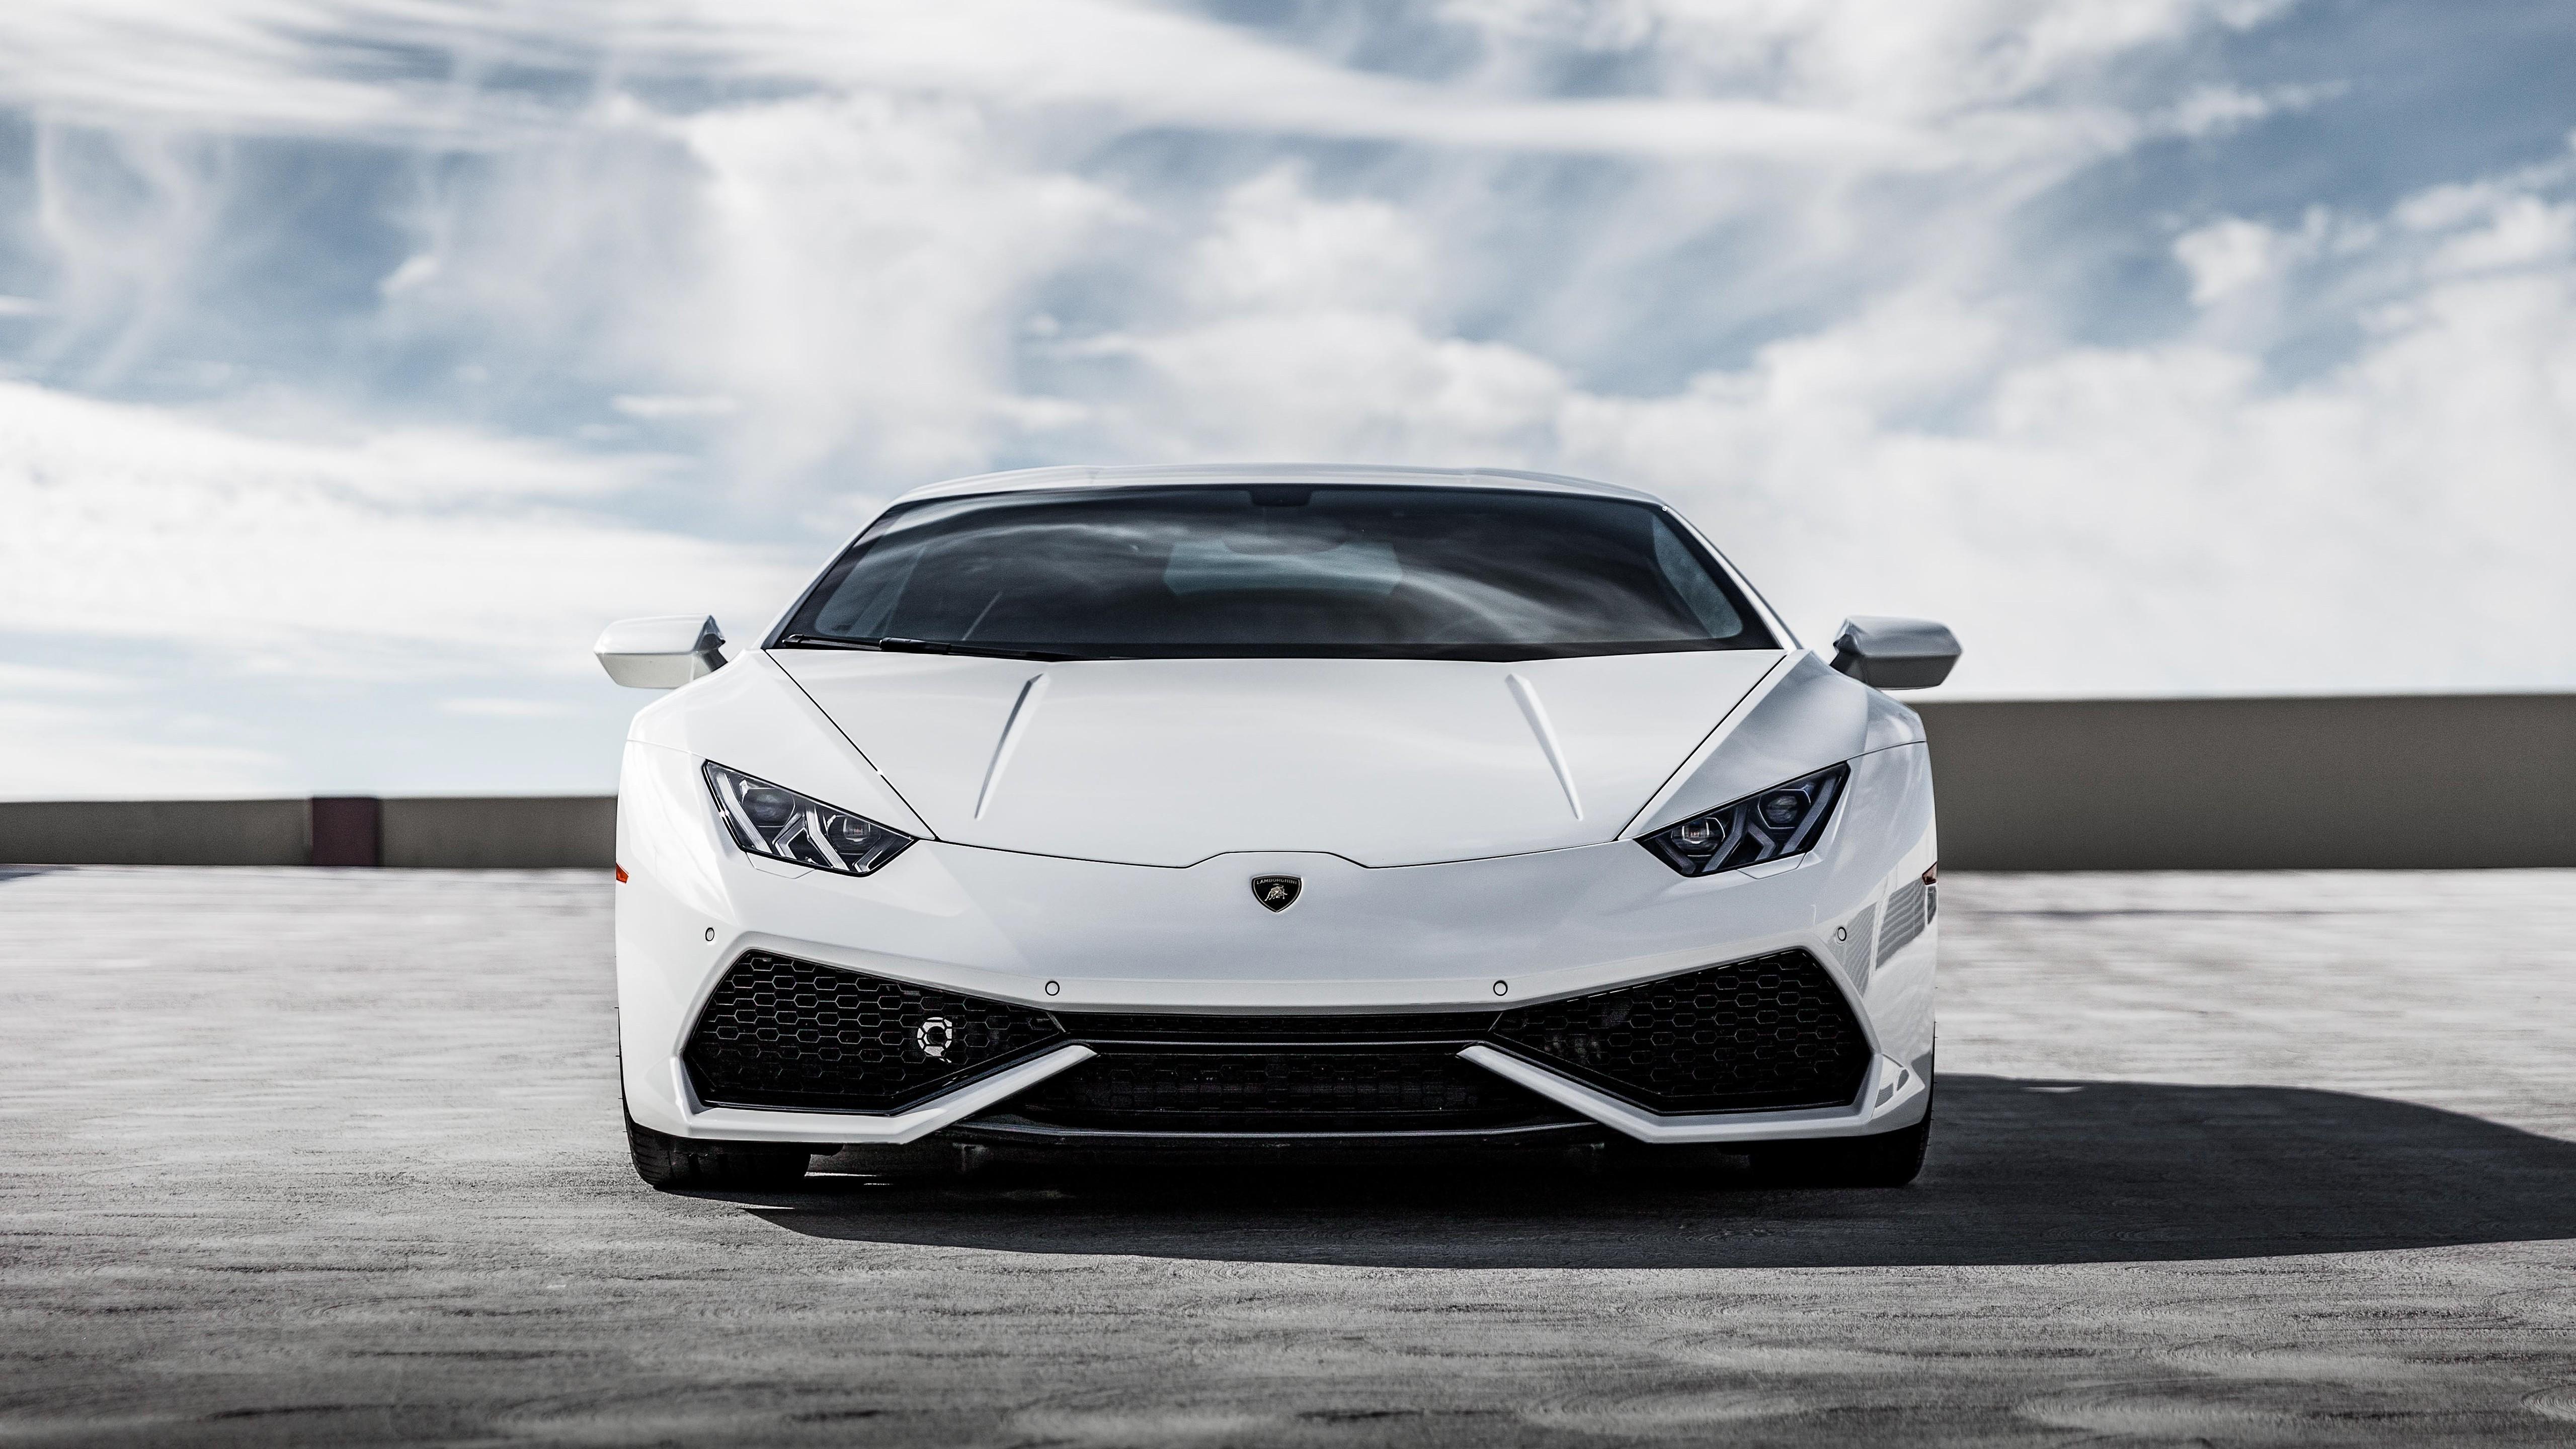 Lamborghini Huracan 4K 5K Wallpapers | HD Wallpapers